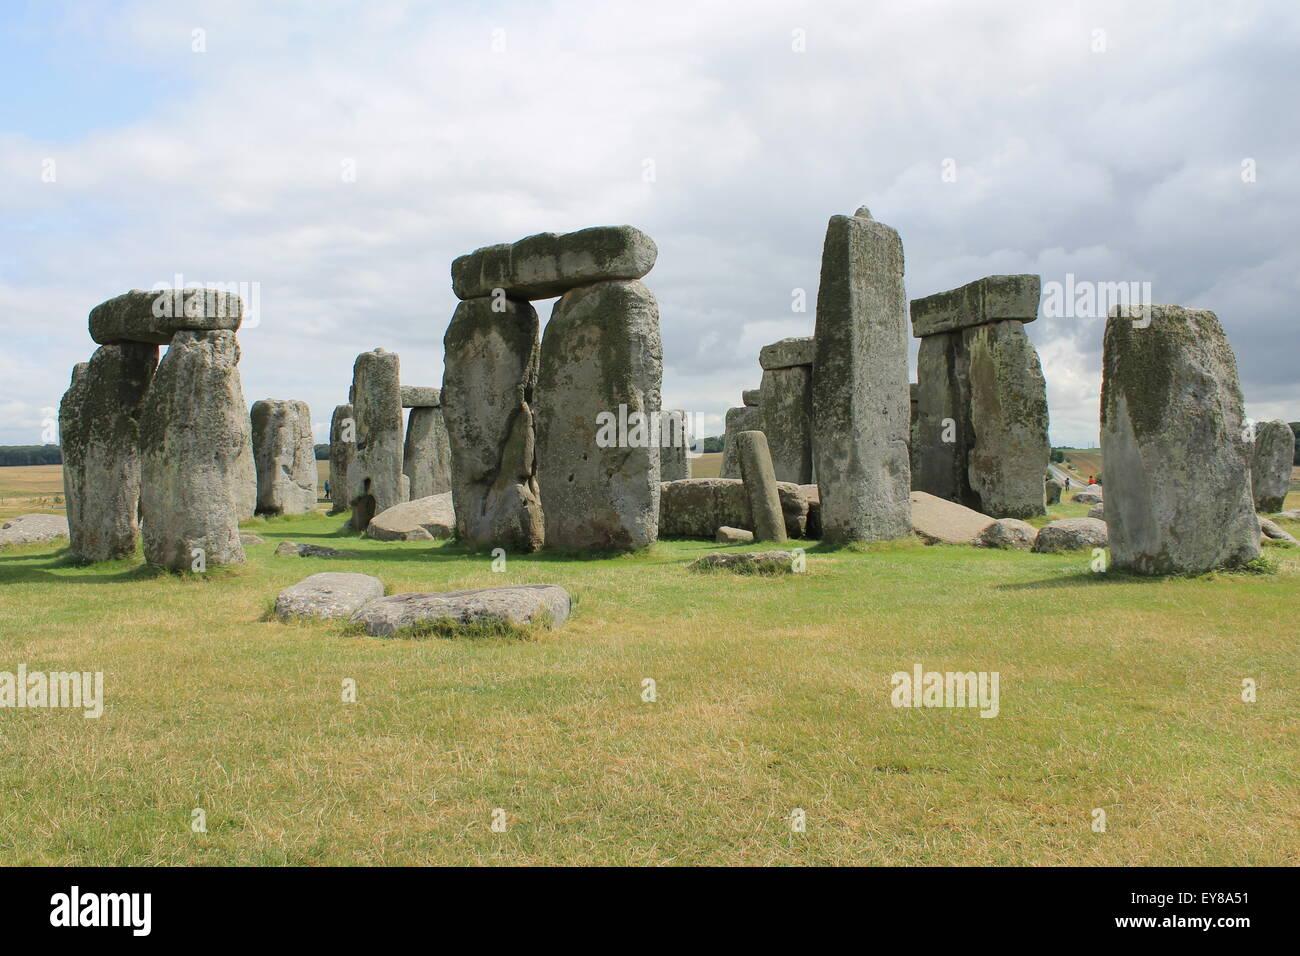 Stonehenge, Wiltshire, England, UK Stock Photo